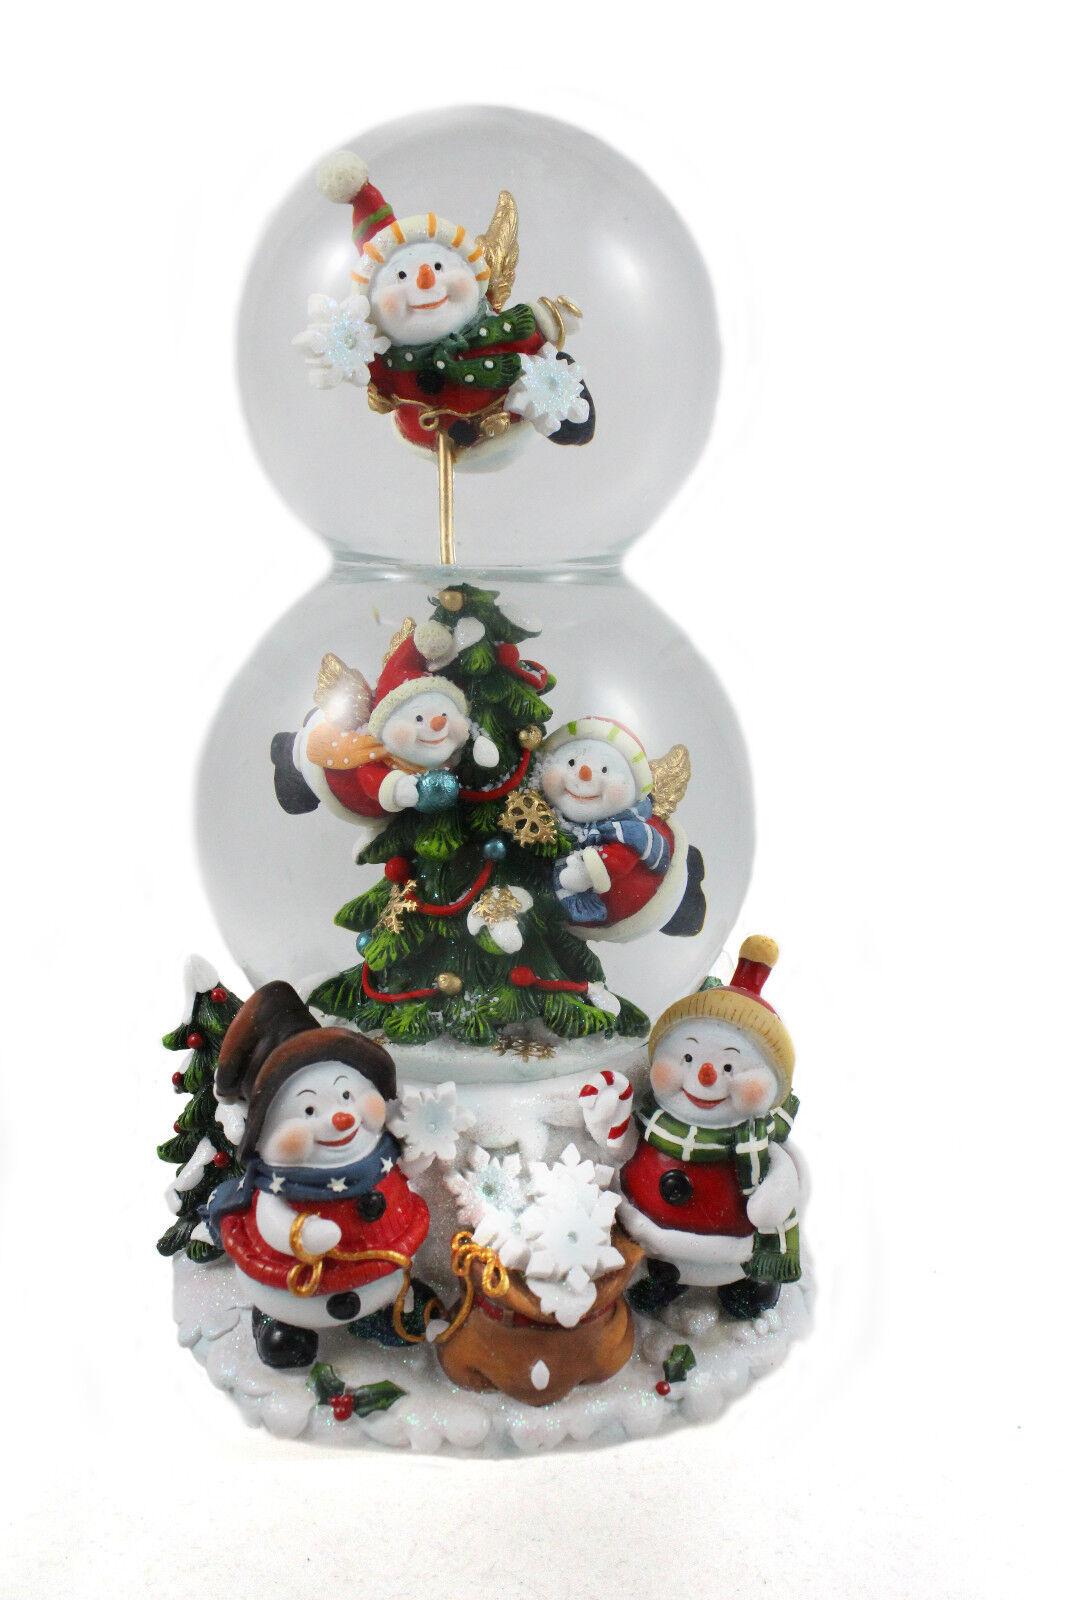 Schneekugel Test Vergleich +++ Schneekugel günstig kaufen!